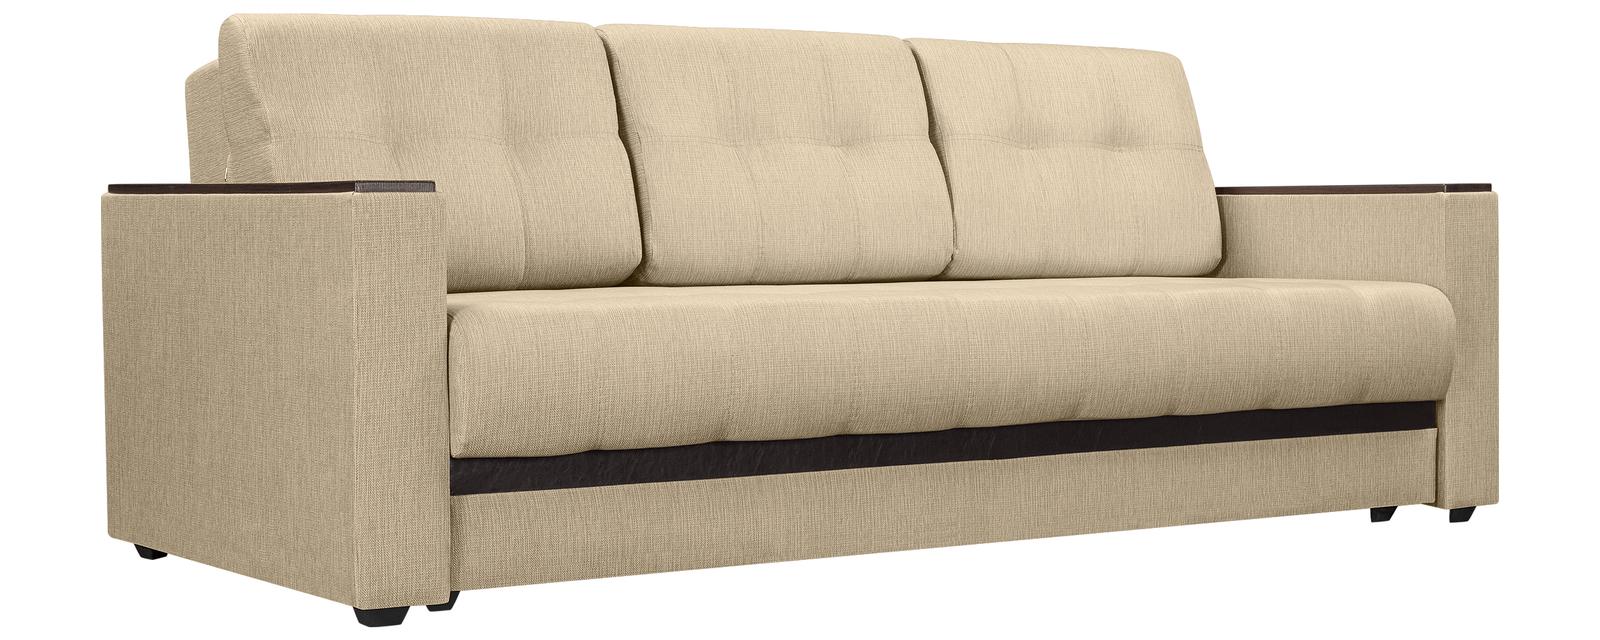 Атланта диван